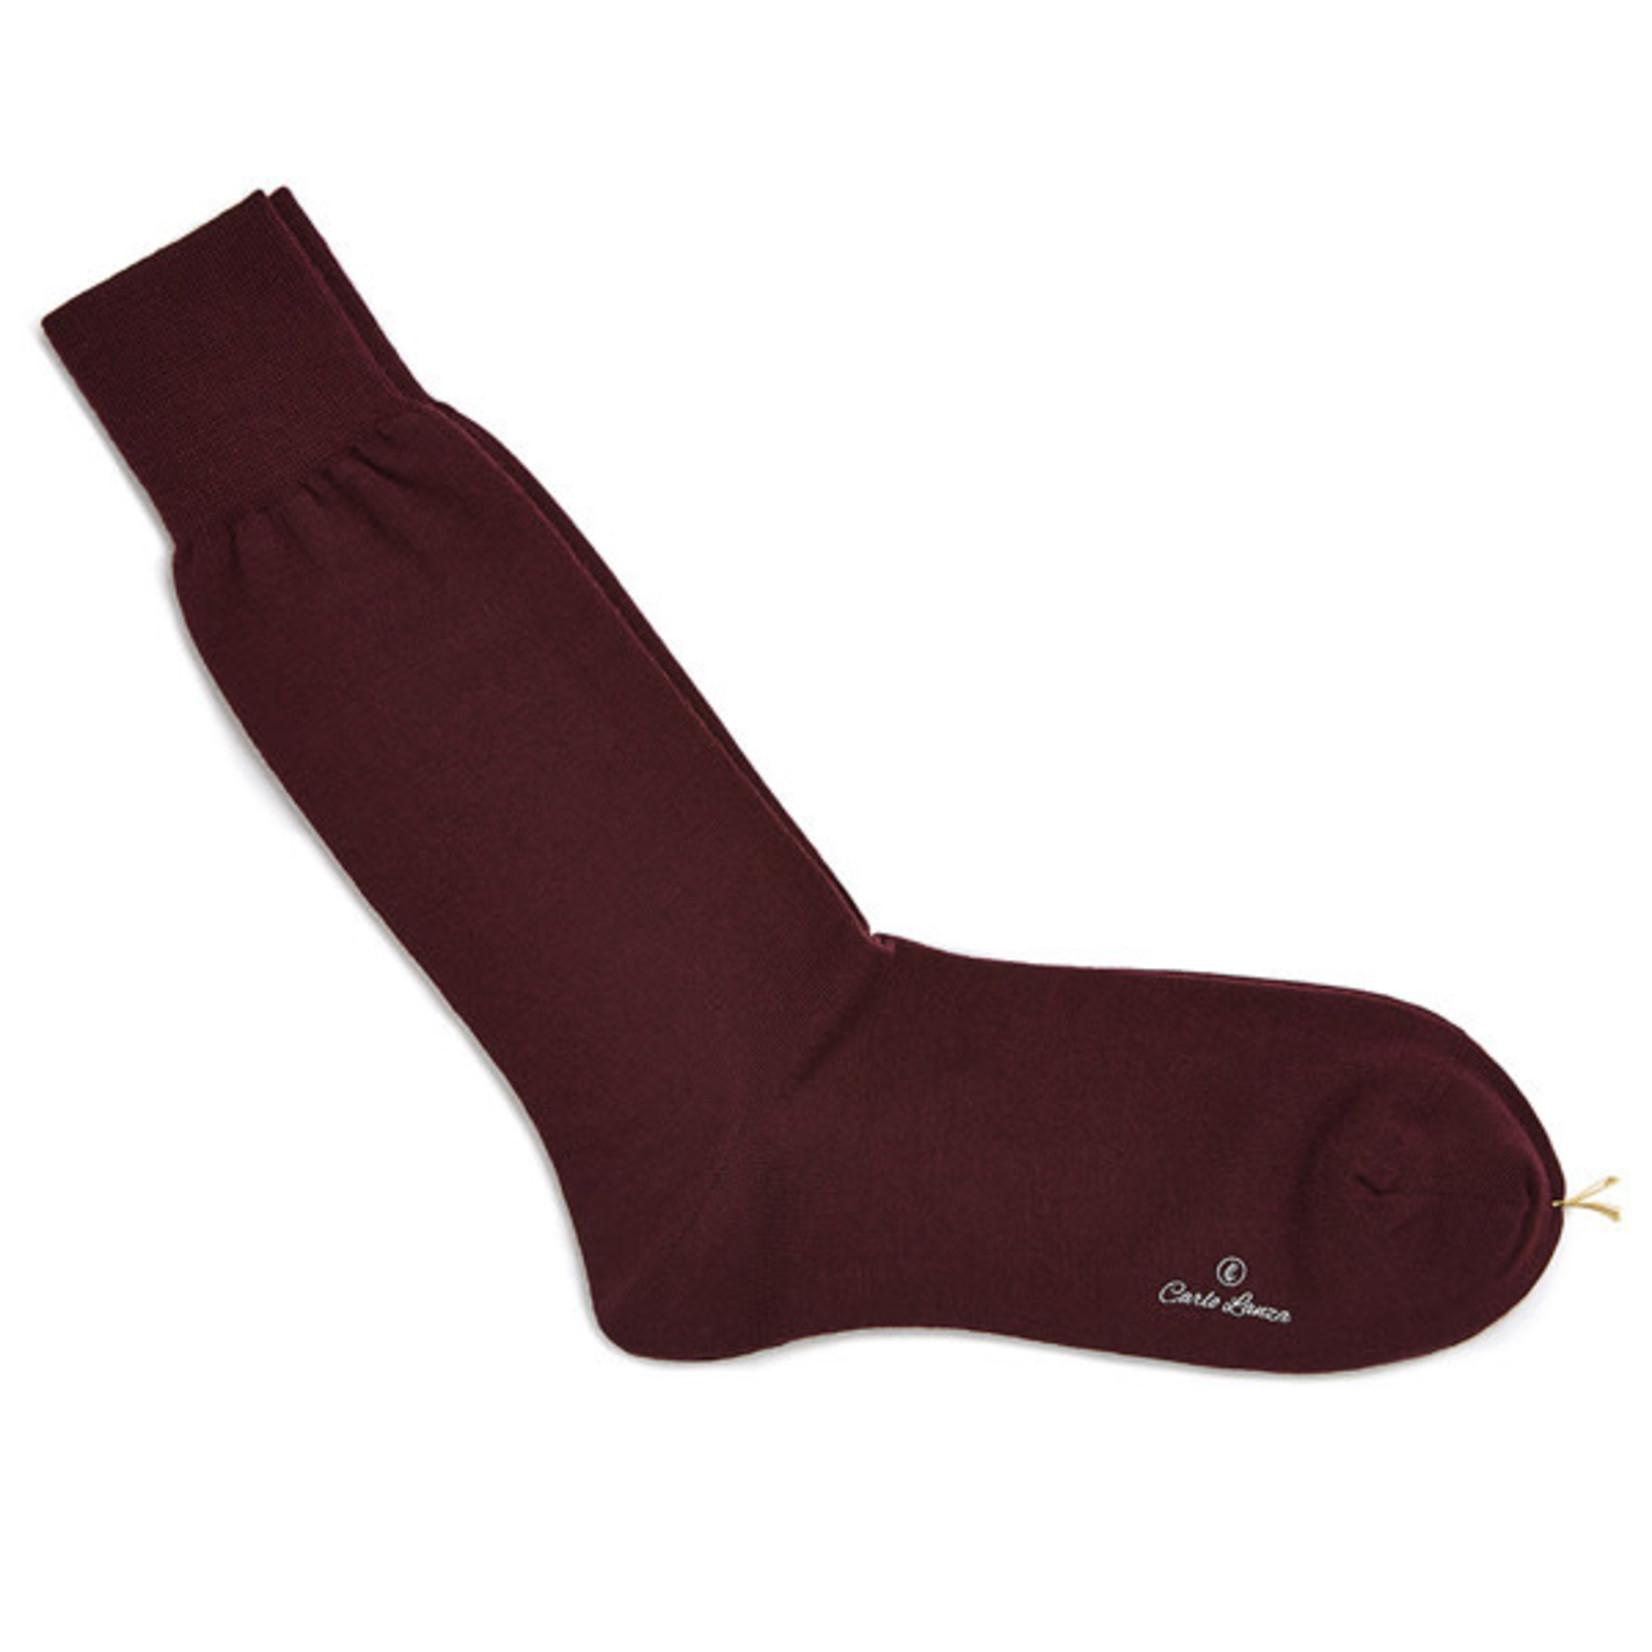 Carlo Lanza korte sokken wol bordeauxrood